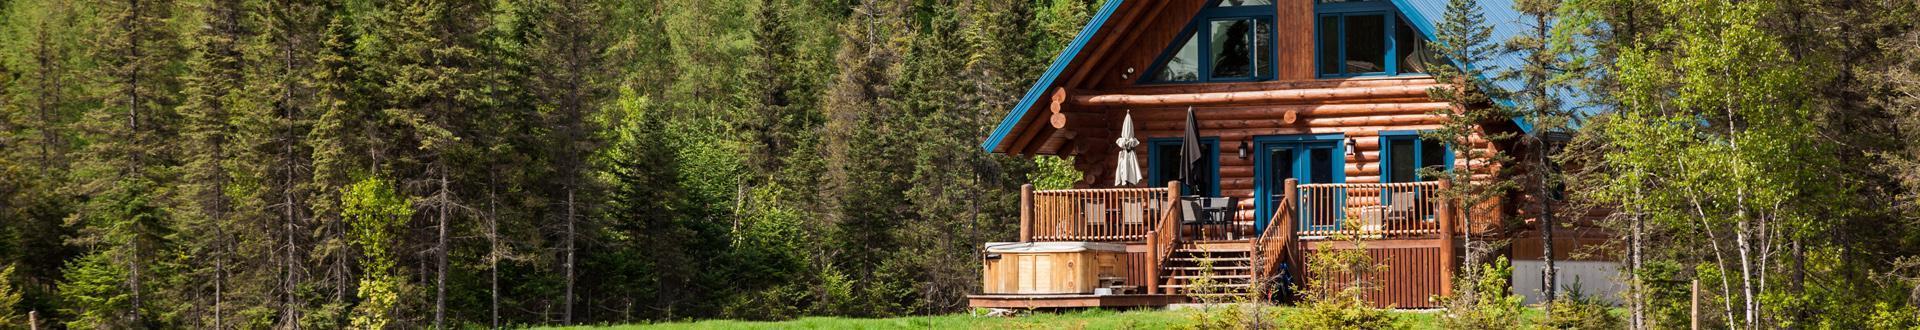 drewniany domek w lesie, weranda, banner kontakt